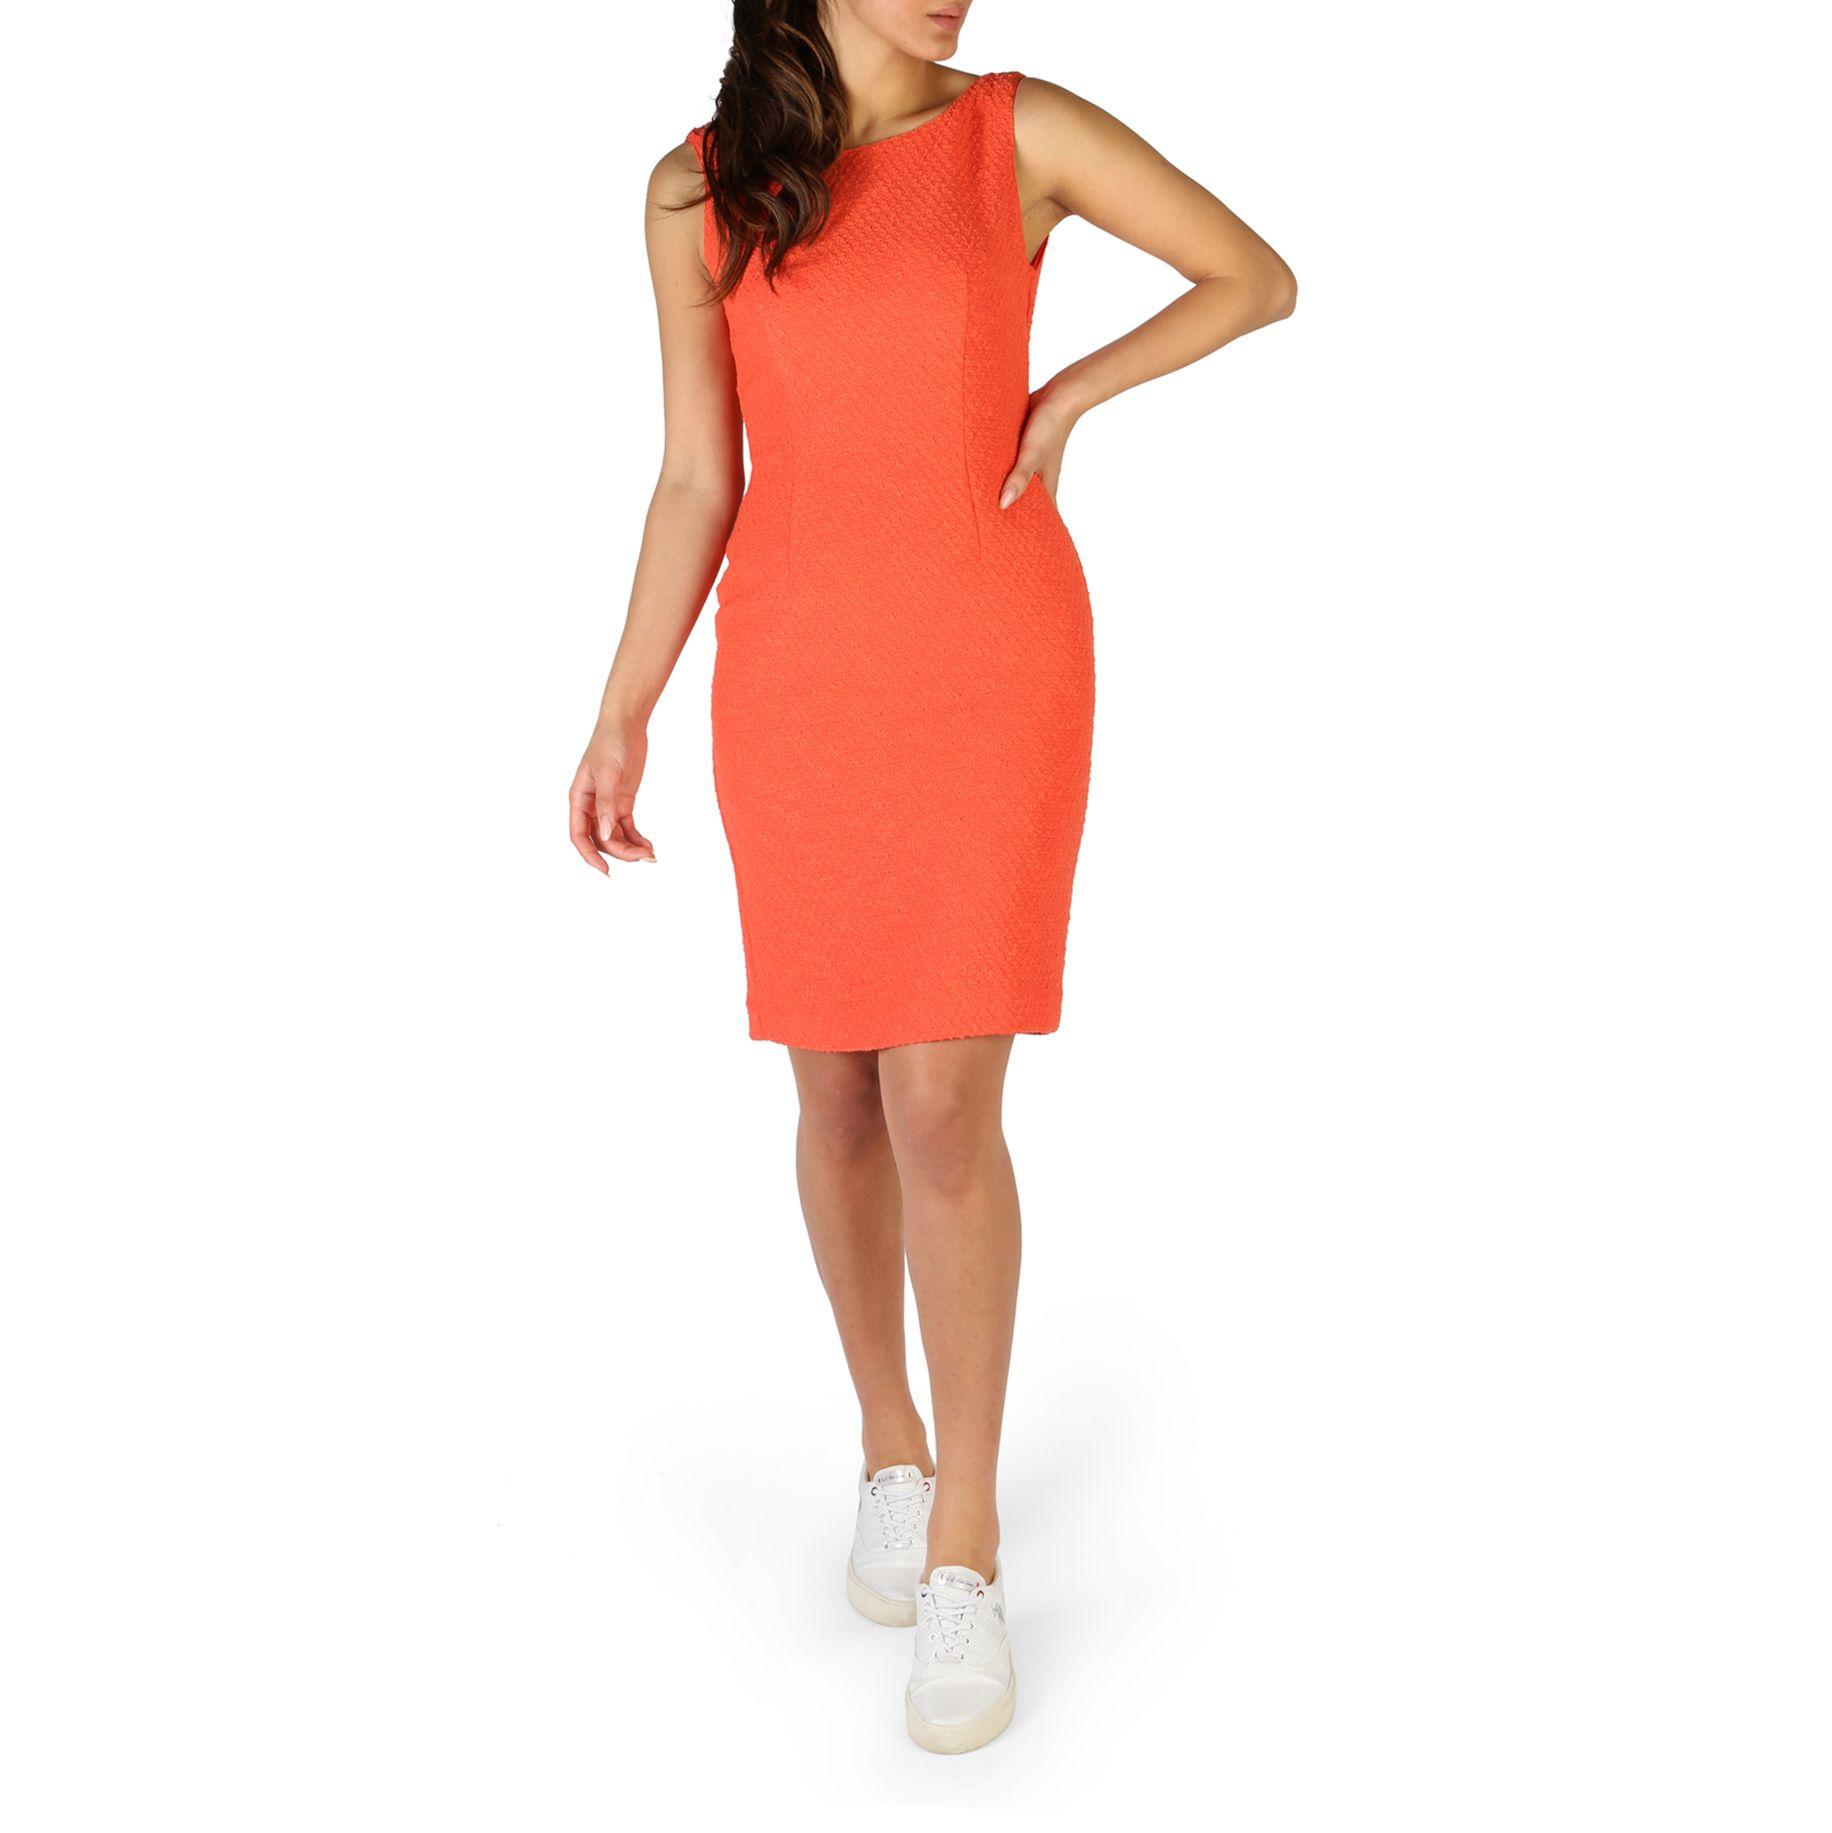 Fontana 2.0 – TIFFANY – Oranje Designeritems.nl